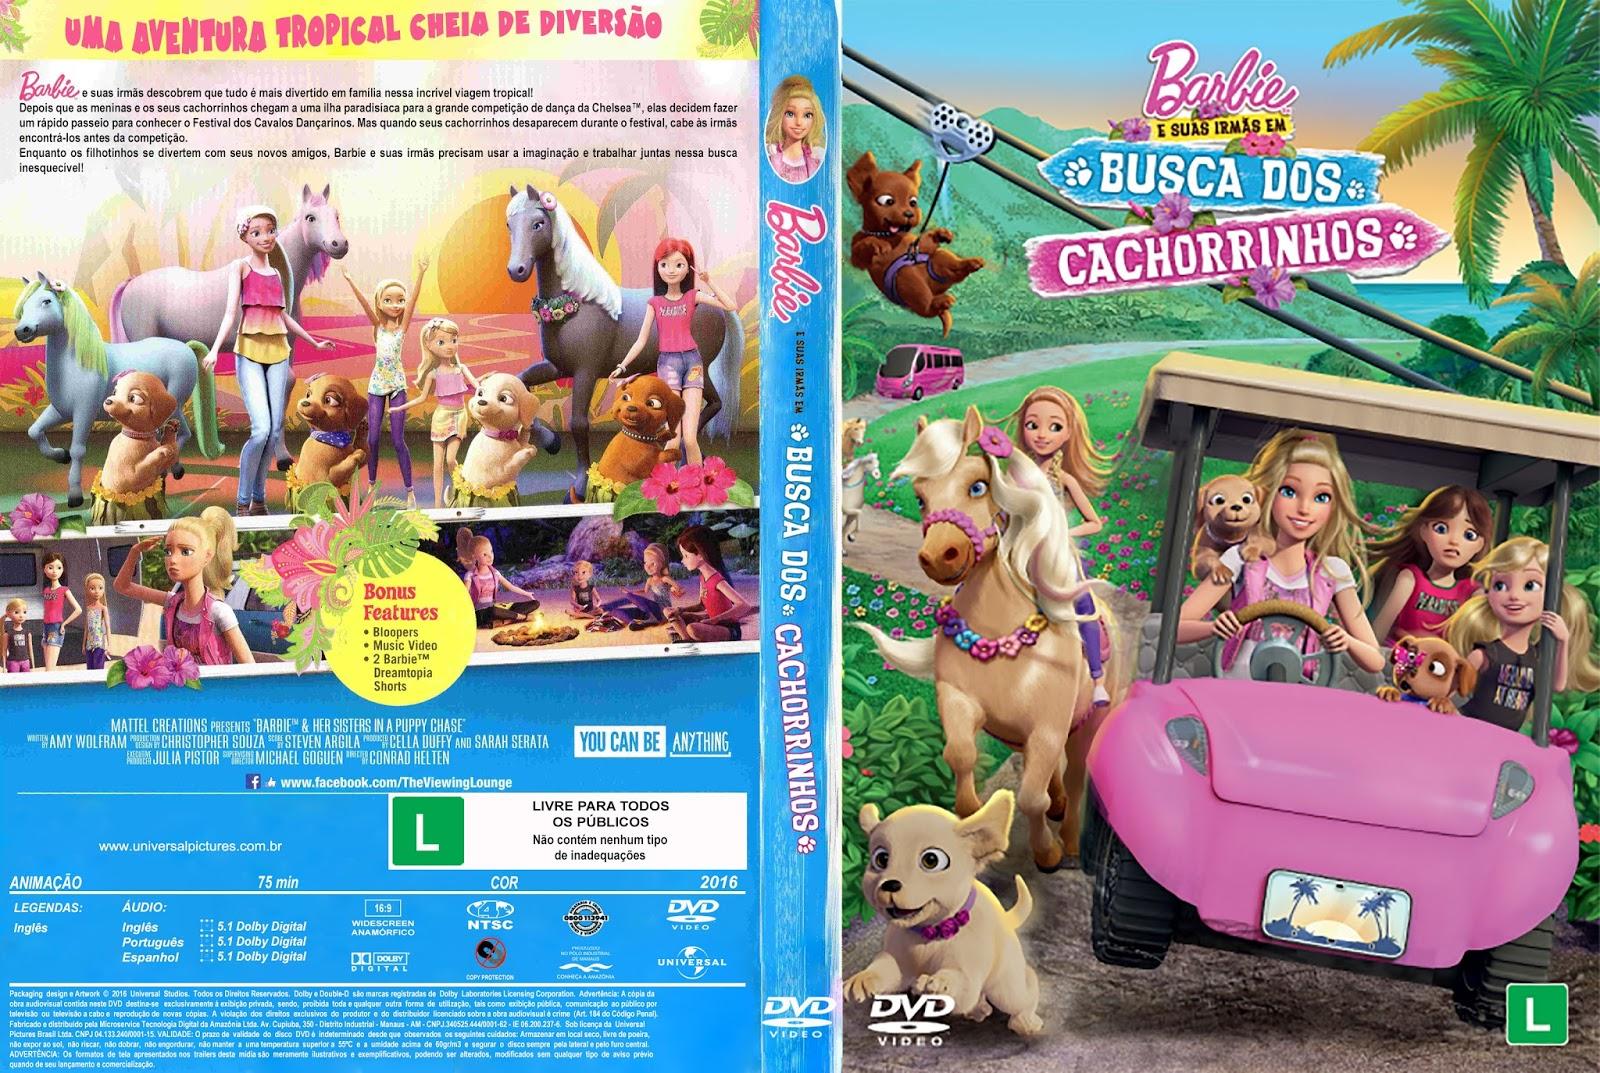 Download Barbie e Suas Irmãs Em Busca Dos Cachorrinhos DVD-R Barbie 2BE 2BSuas 2BIrm 25C3 25A3s 2BEm 2BBusca 2BDos 2BCachorrinhos 2B  2BXANDAODOWNLOAD